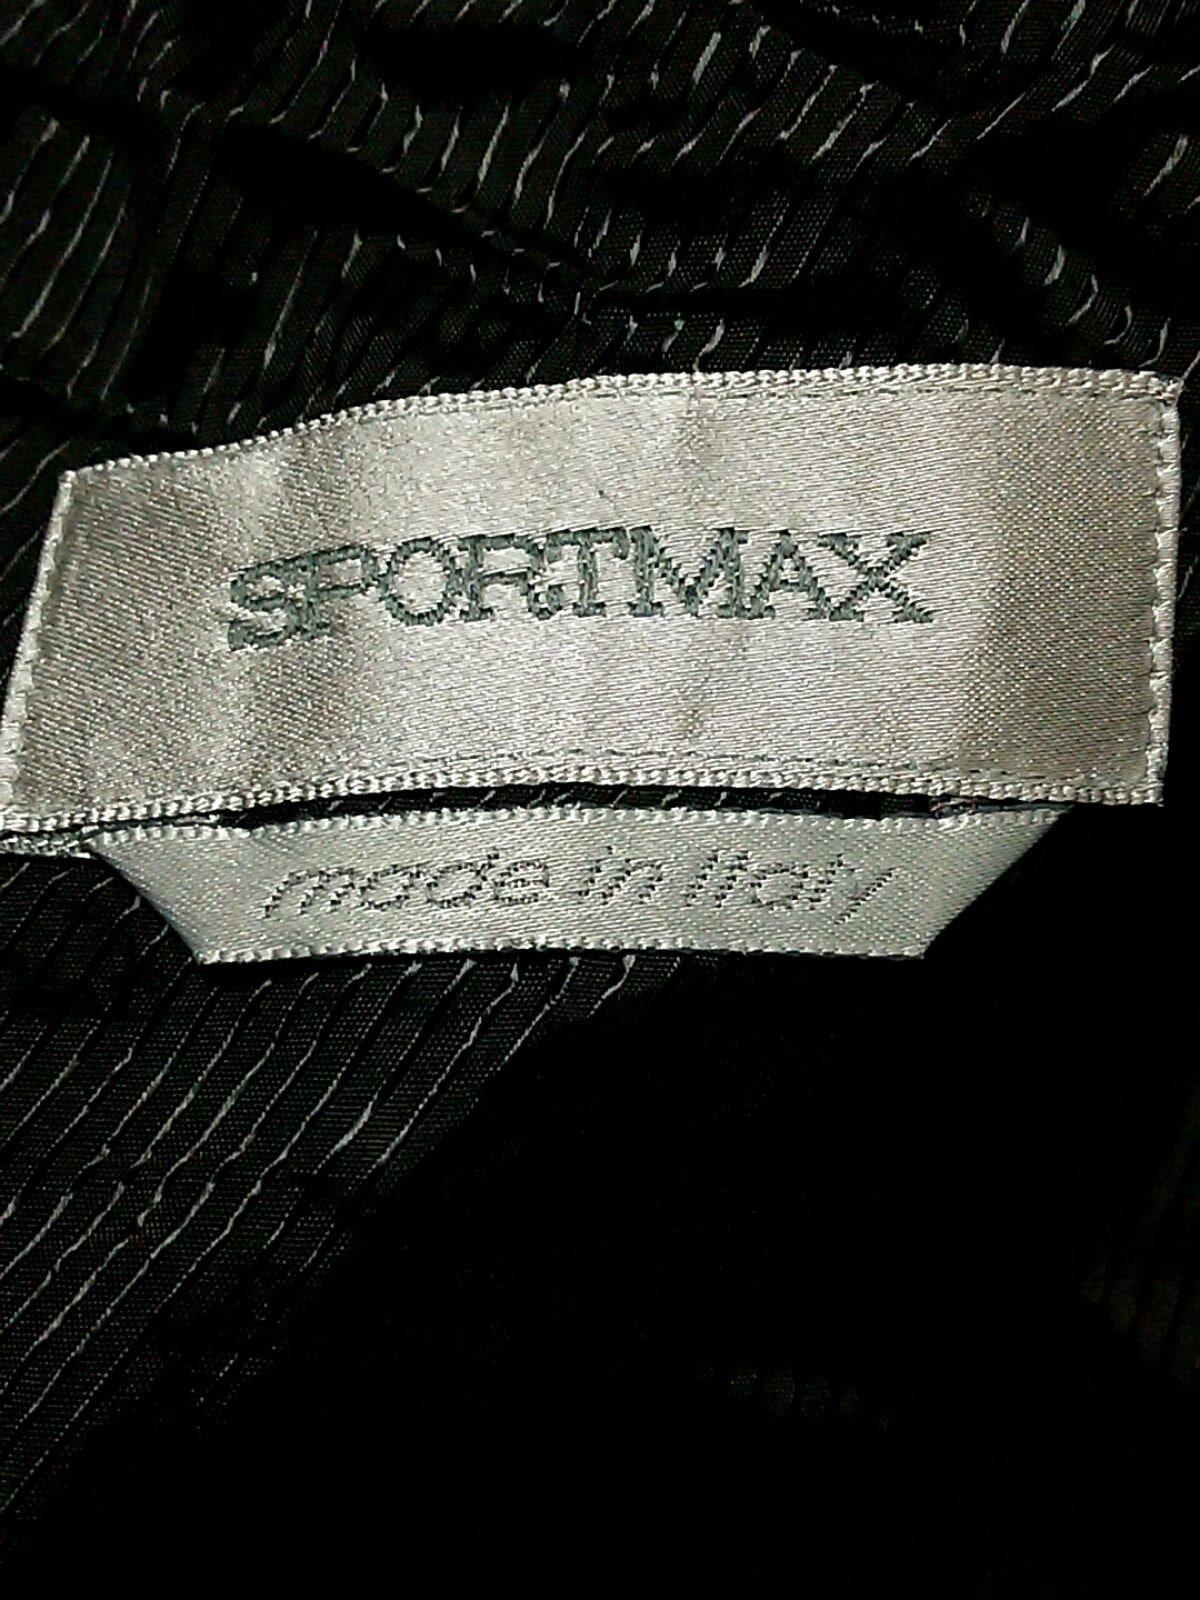 SPORTMAX(スポーツマックス)のブルゾン